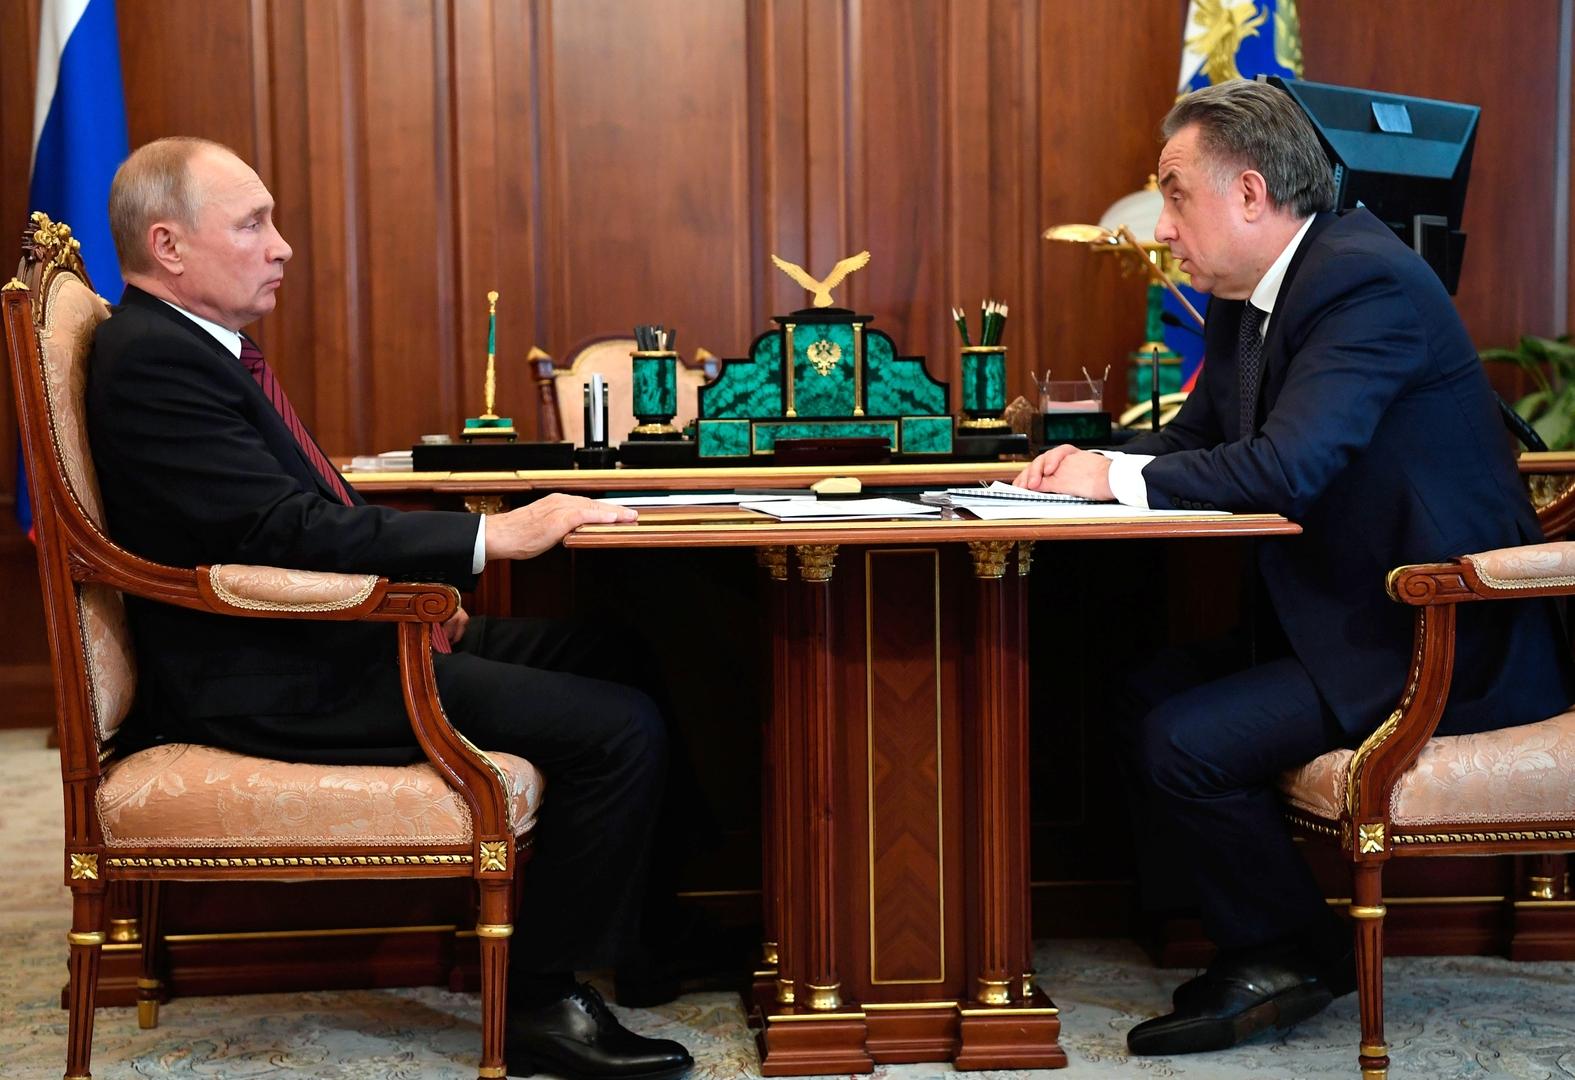 بوتين يدعو للحذر عند إصدار سندات الرهن العقاري